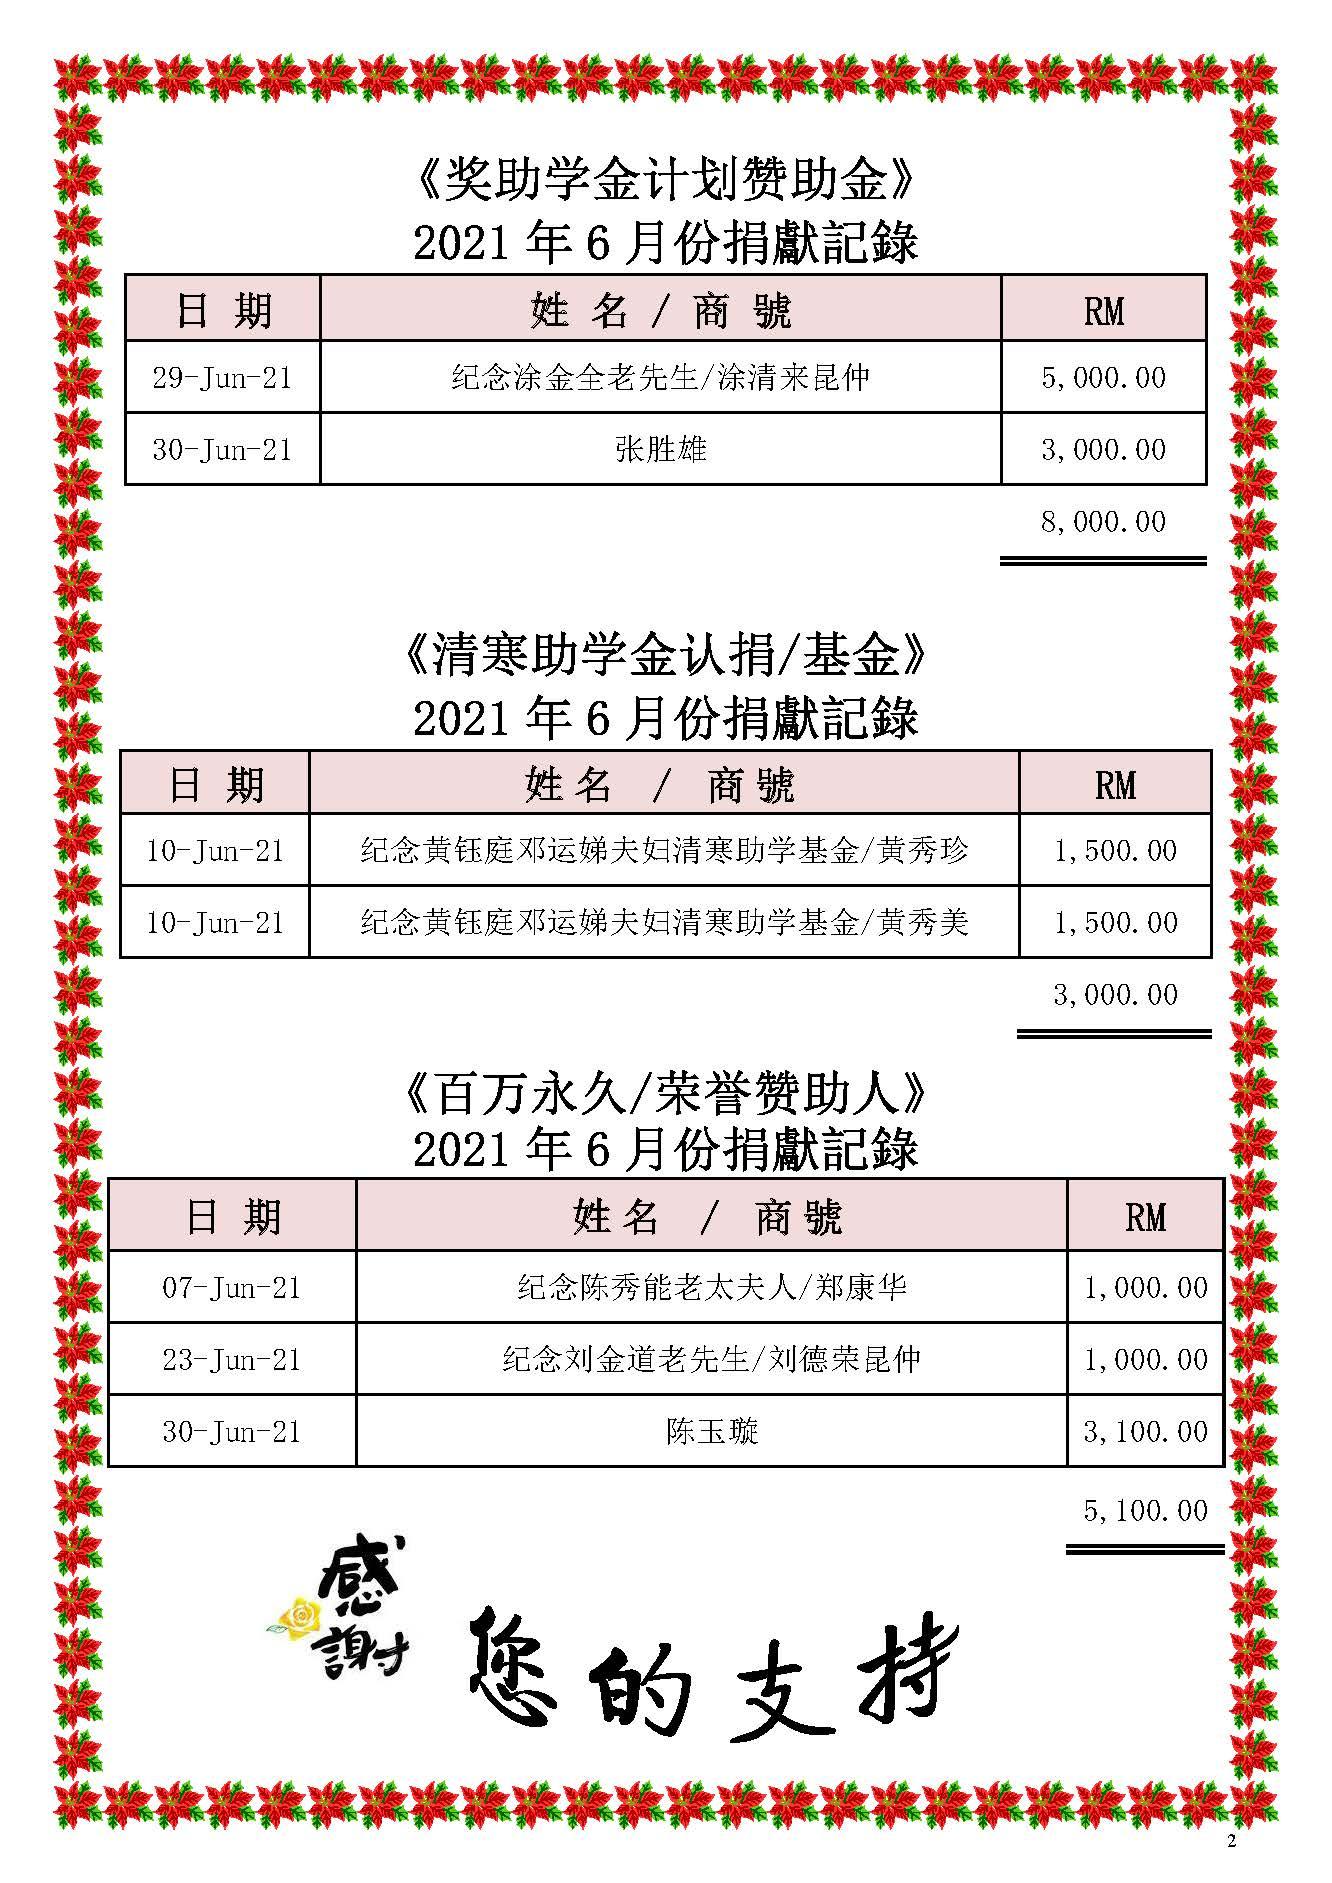 6月份捐献记录—修改后_Page_2